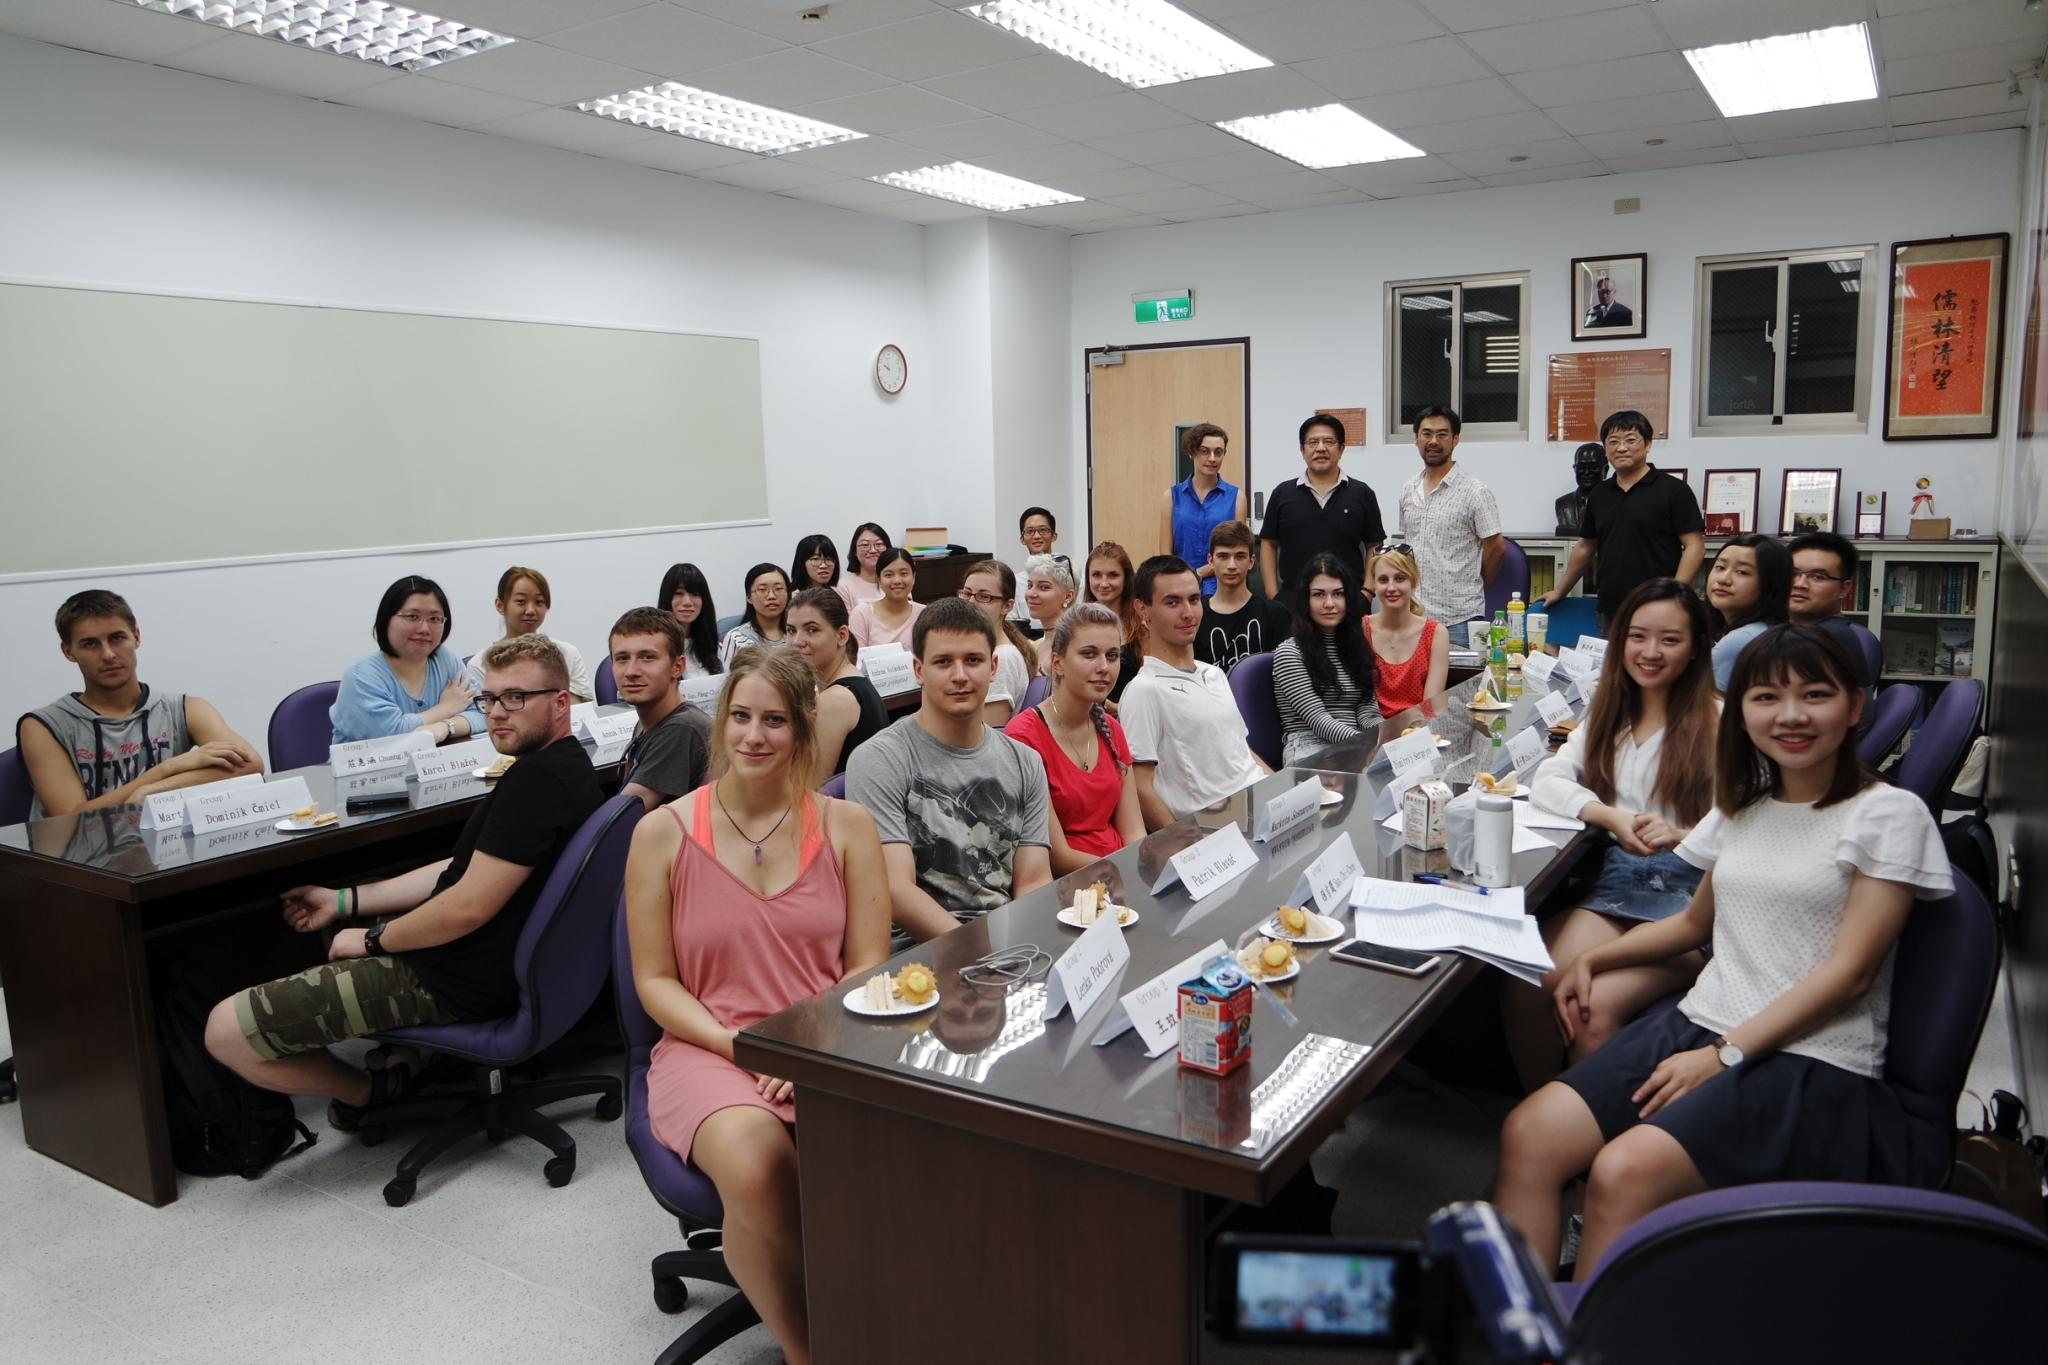 捷克馬薩里克大學師生訪問團來訪活動1